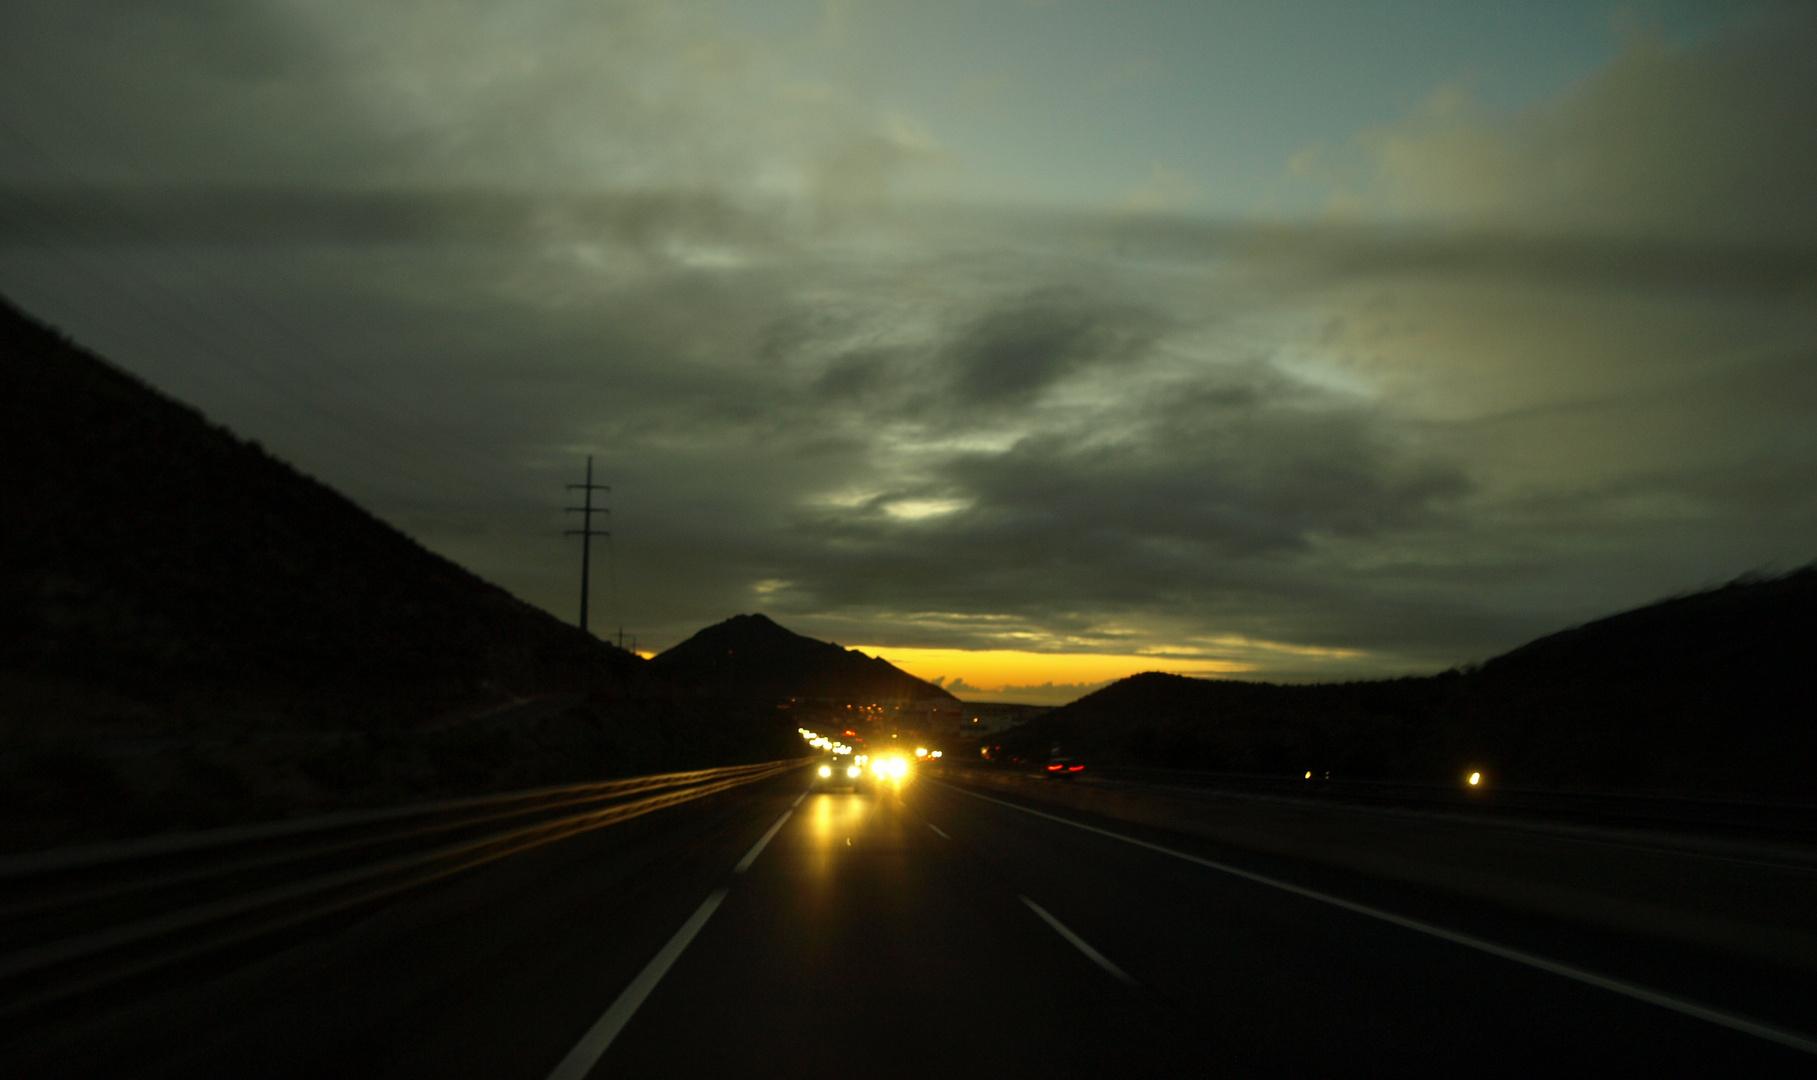 Autobahn um halb 8